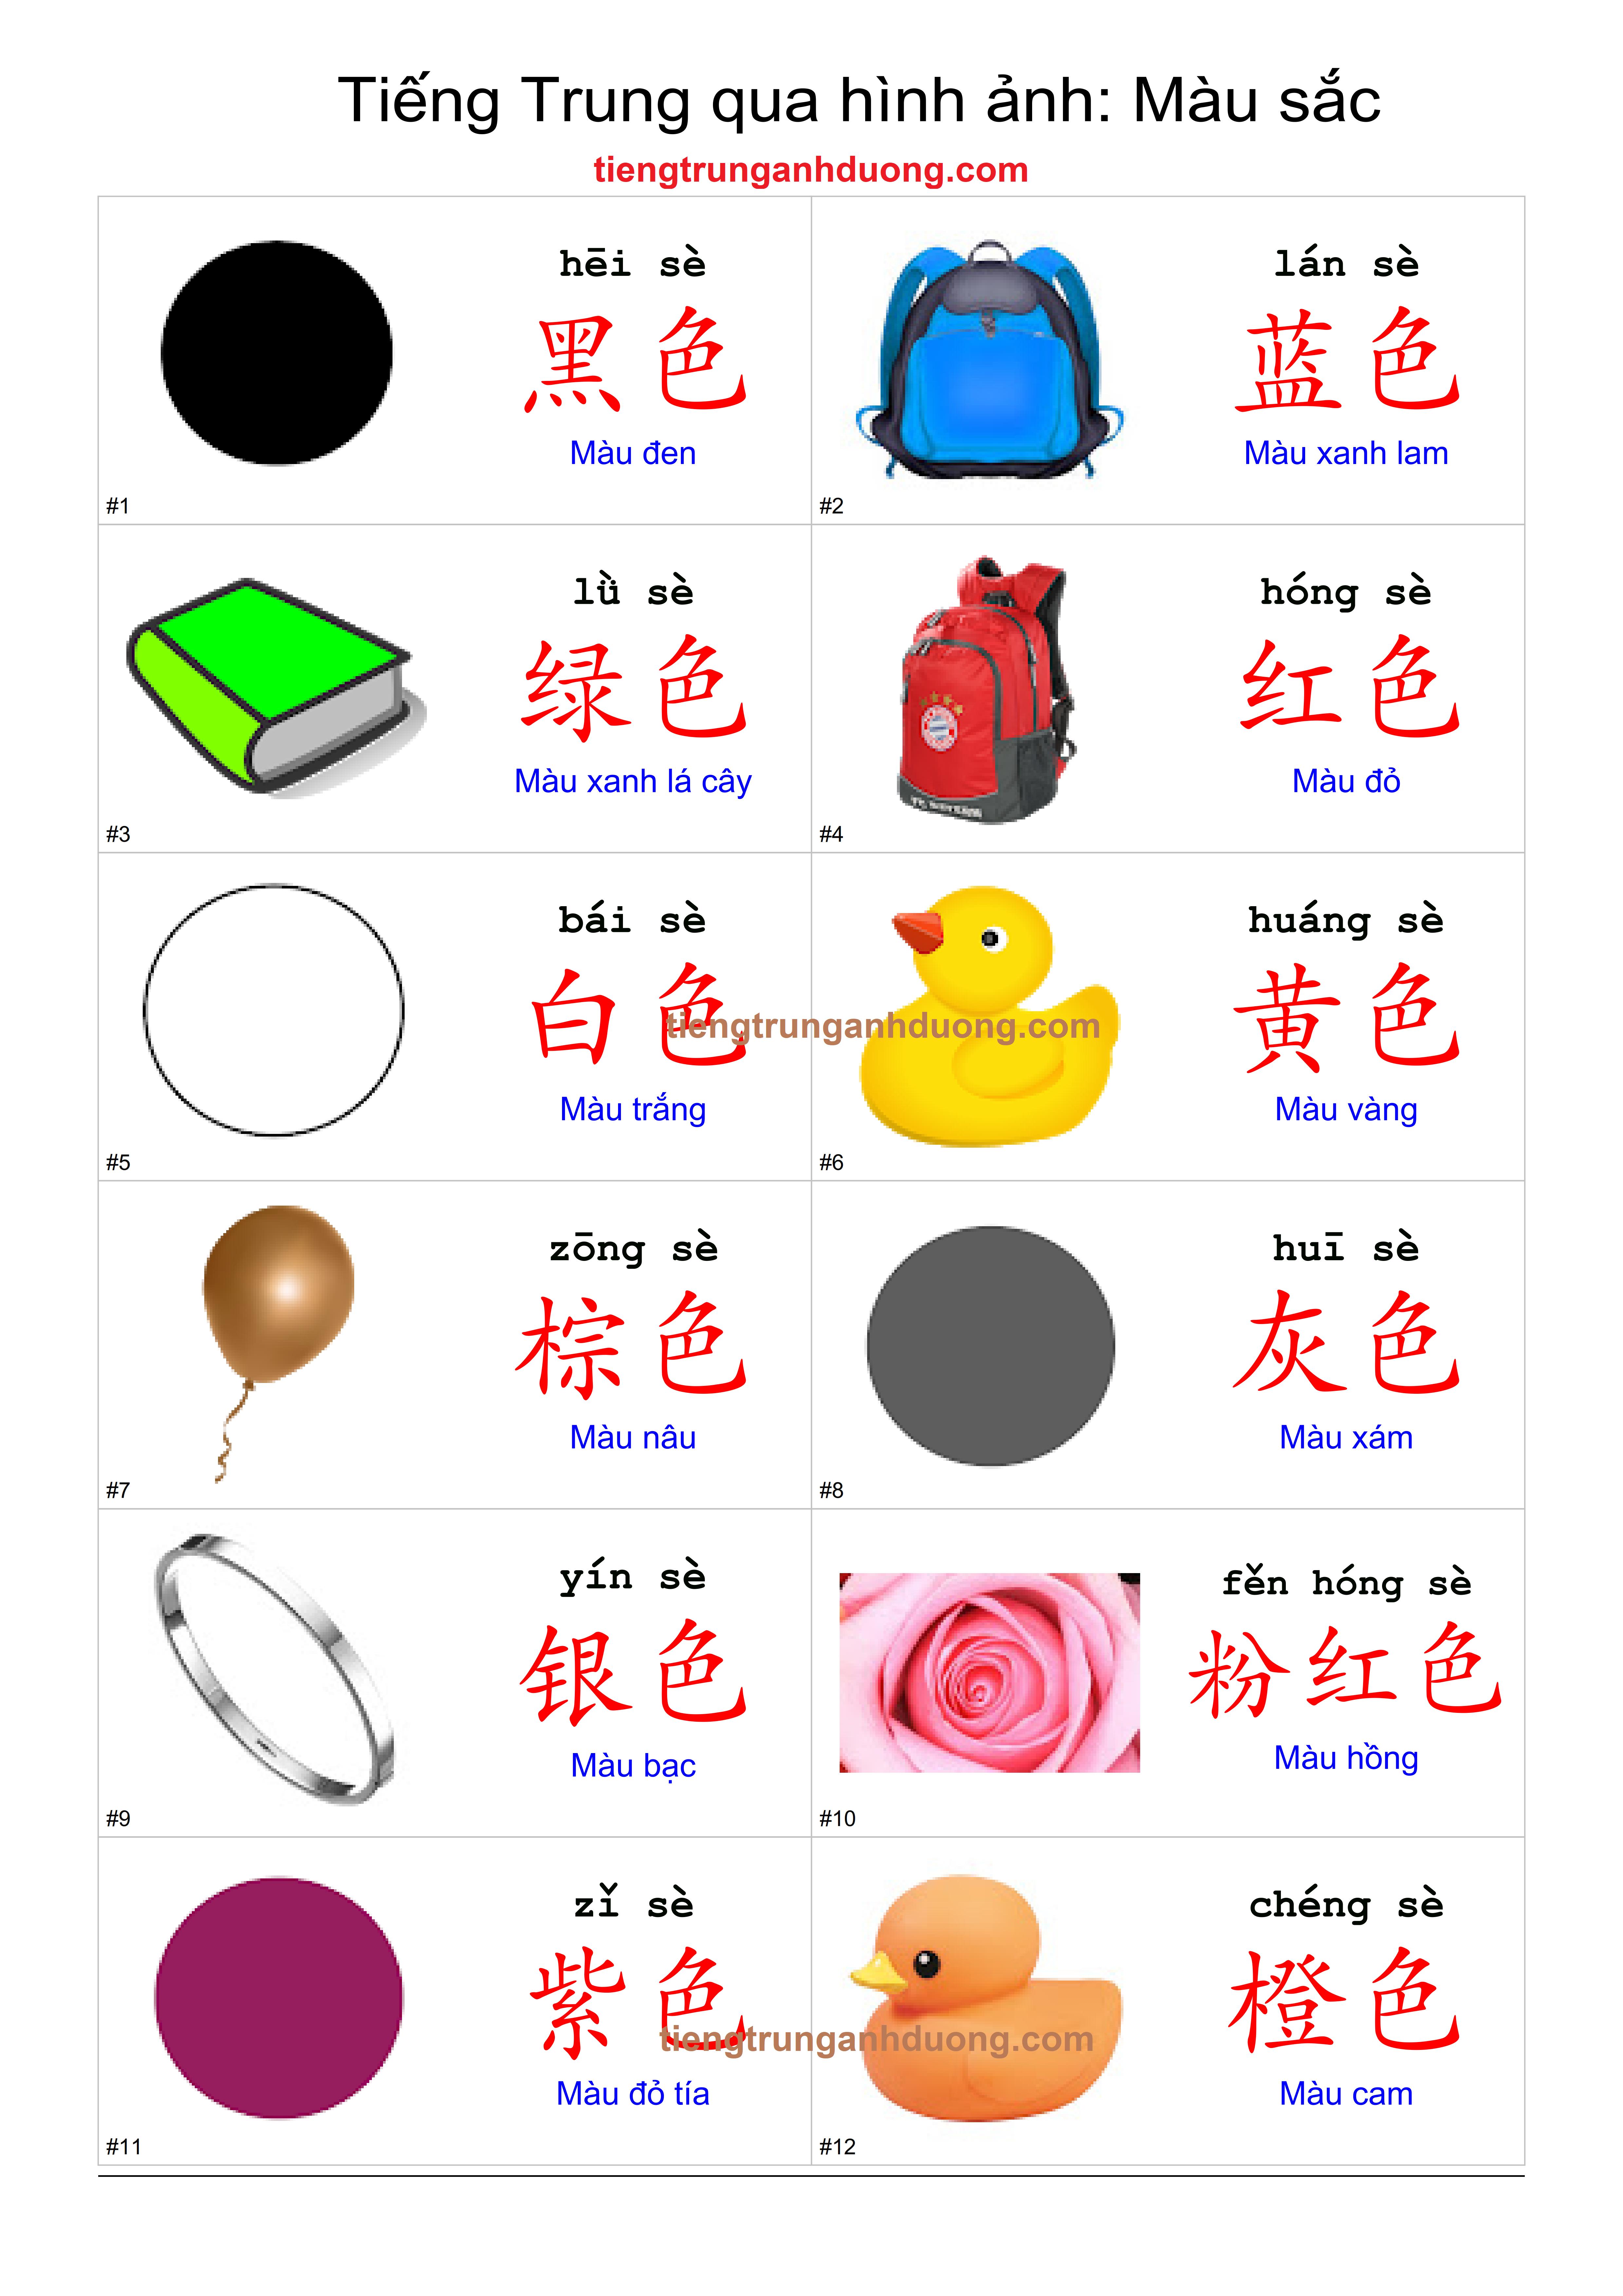 Mẫu câu đơn giản chỉ màu sắc trong tiếng Trung